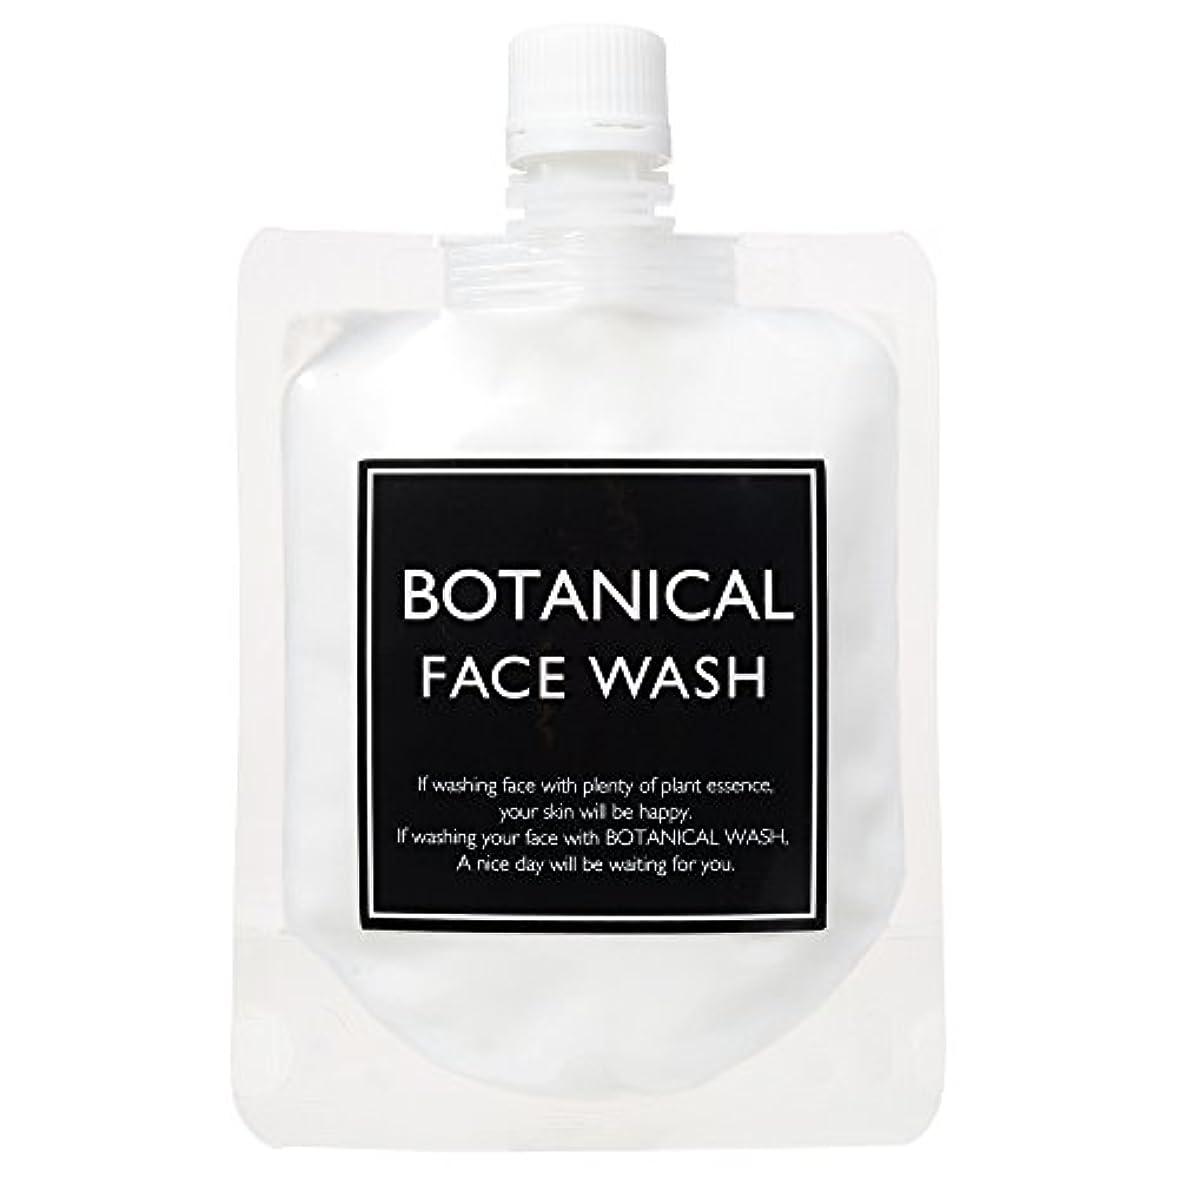 所属洞察力のある昼寝【BOTANICAL FACE WASH】 ボタニカル フェイスウォッシュ 150g 泡洗顔